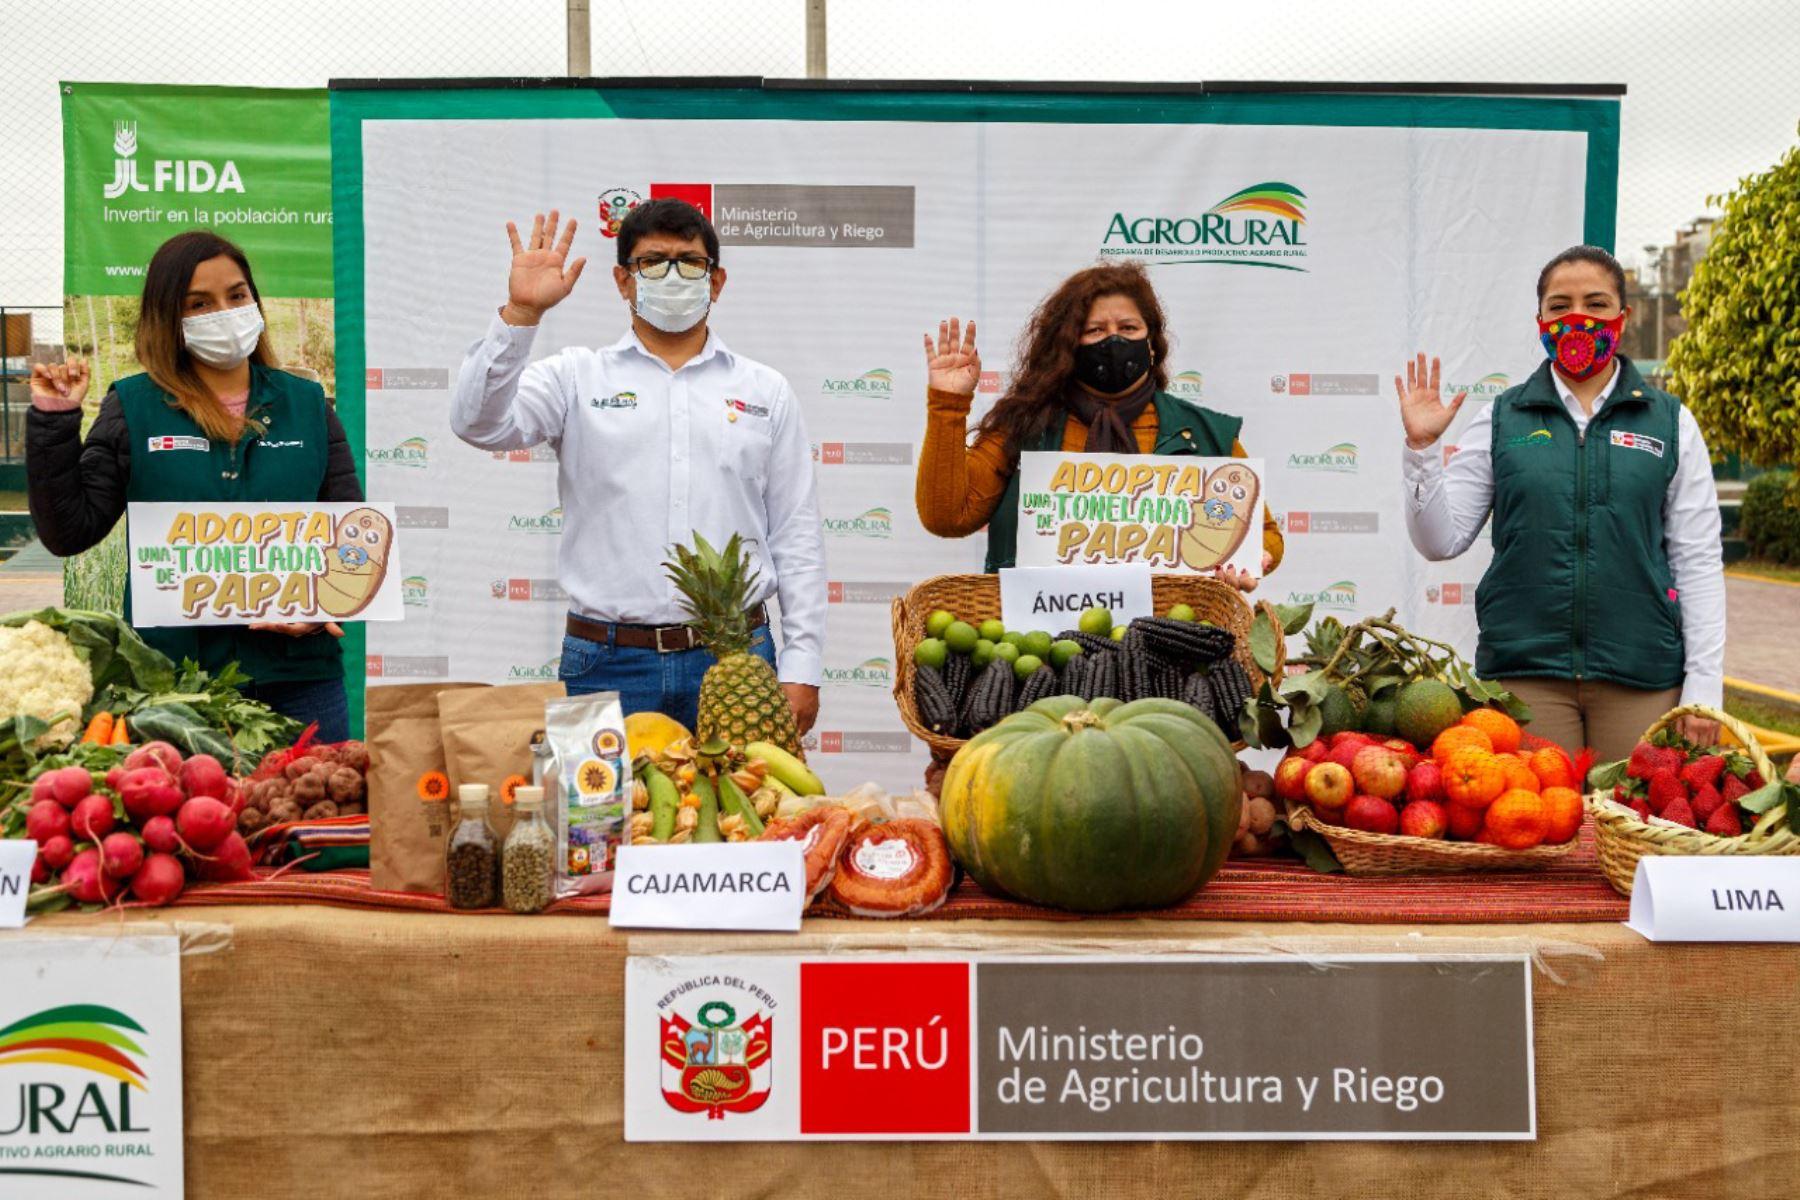 En el marco de la campaña Adopta una tonelada de papa, a cargo de Agro Rural del Ministerio de Agricultura y Riego se logró la venta de más de 294 toneladas de este principal alimento de la canasta familiar. Foto: Agrorural